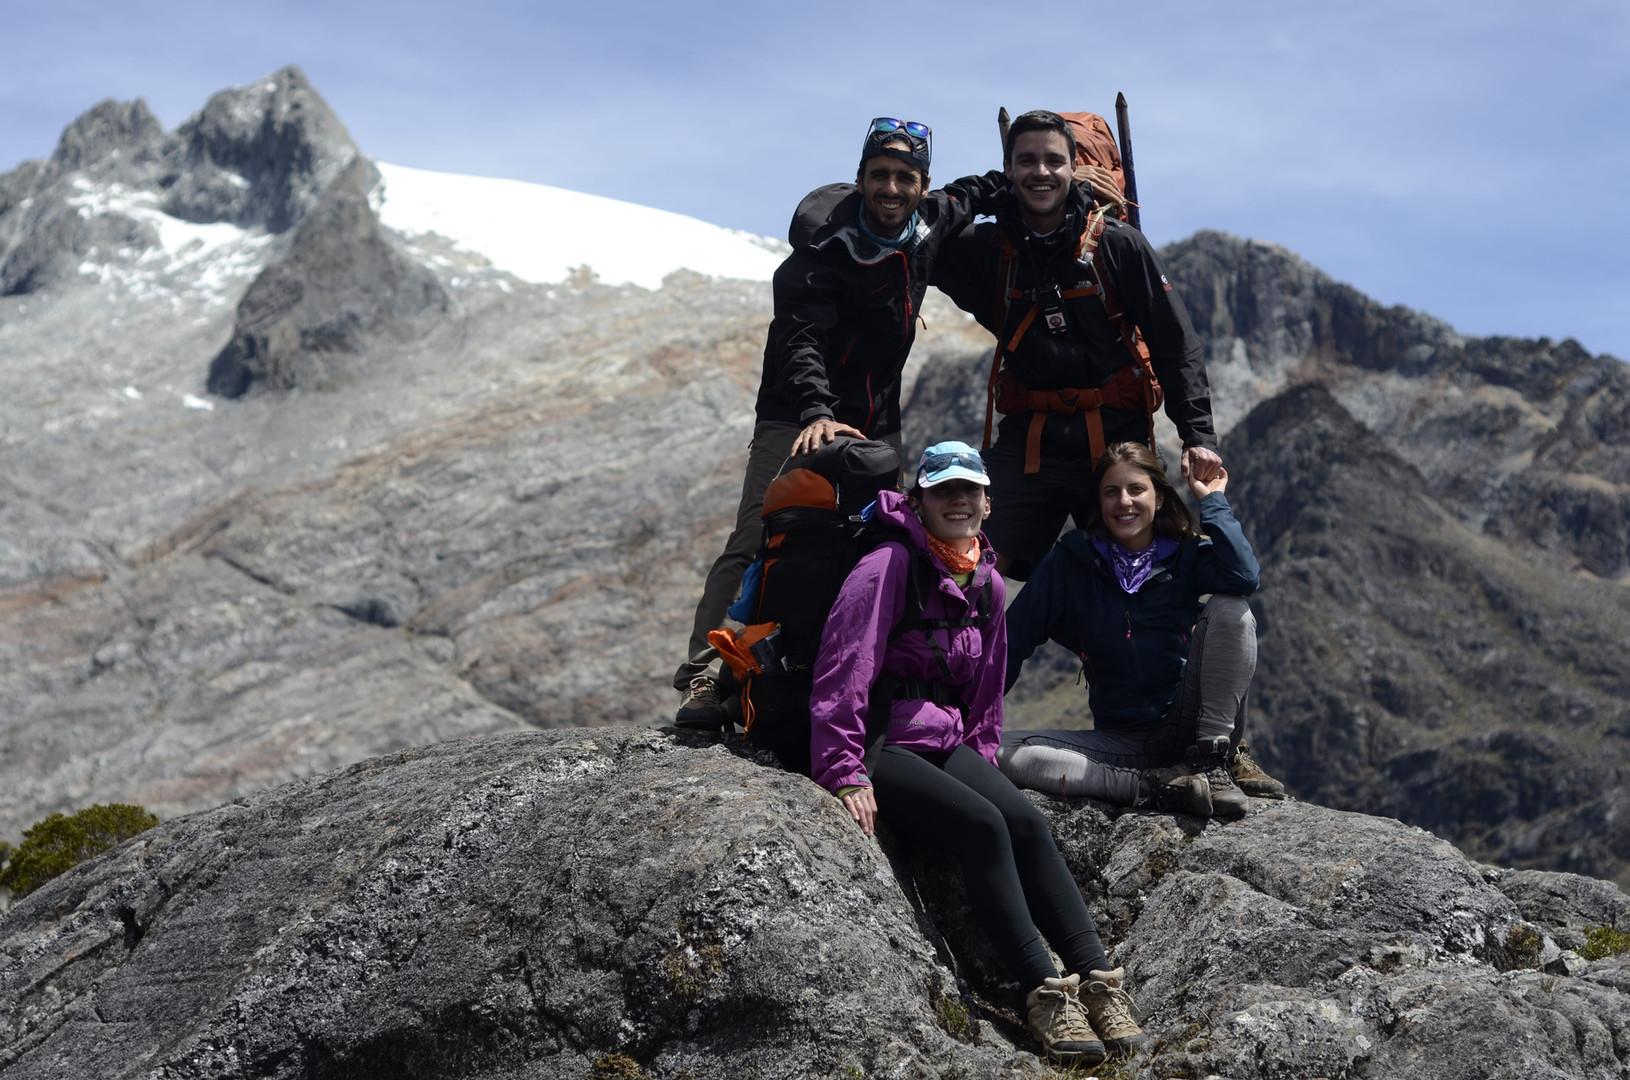 Merida_PicoHumboldt_hiking_trekking_Leop